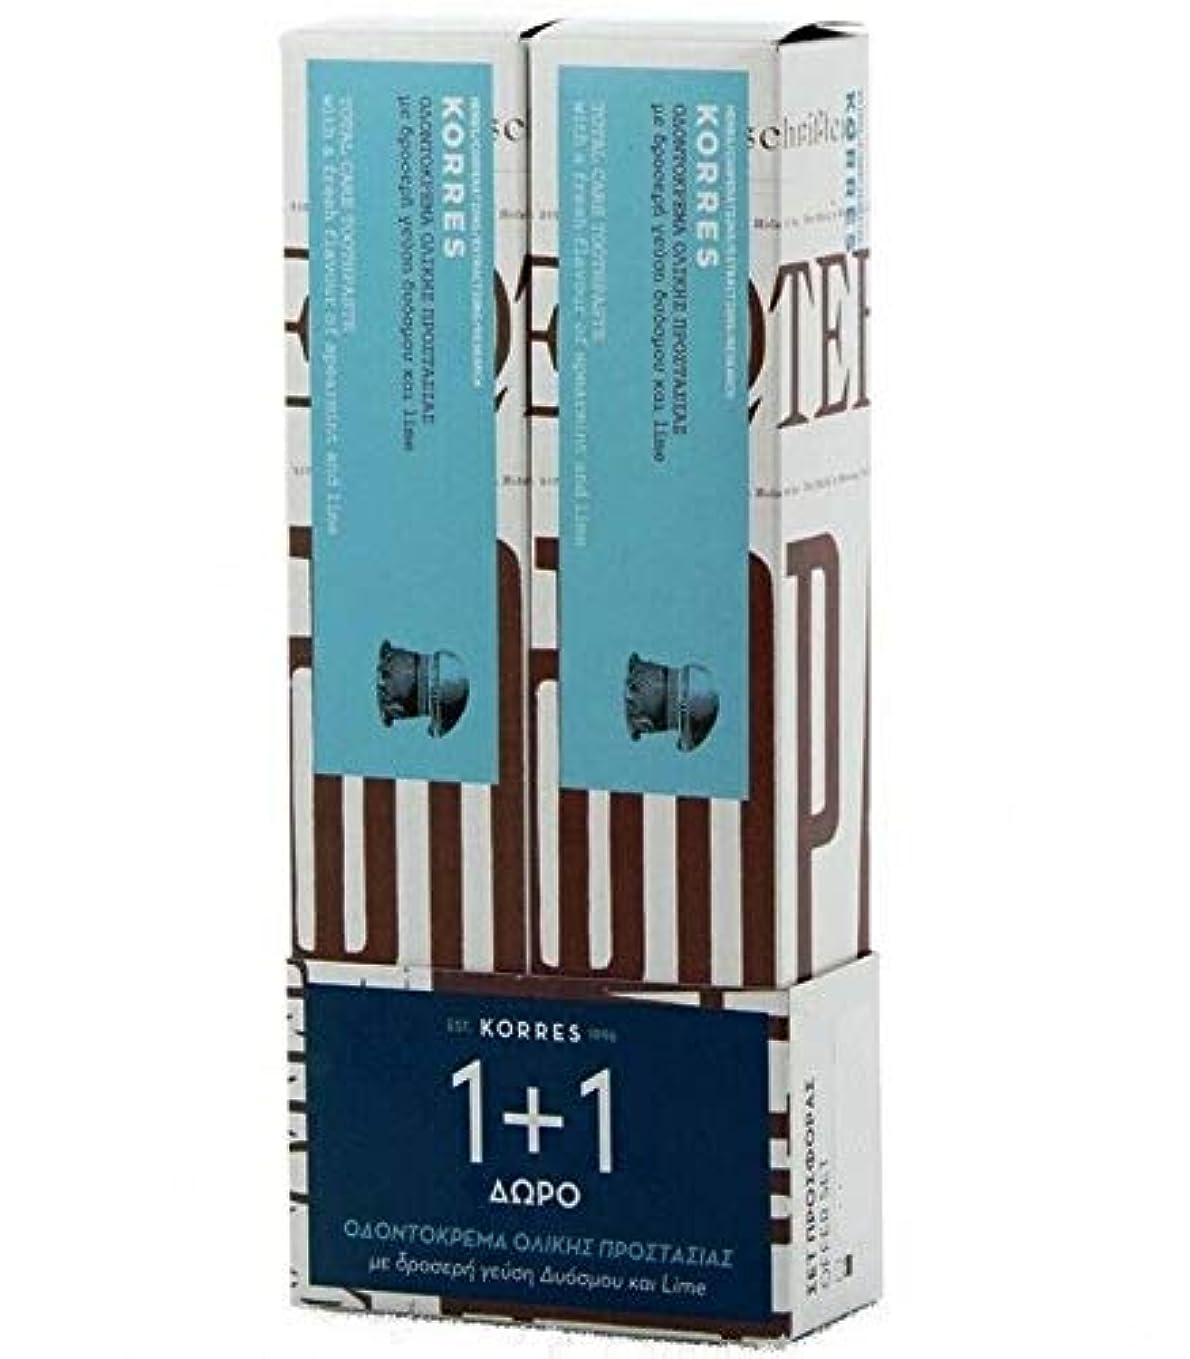 習慣教義セグメントKorres トータルケア歯磨き粉 フレッシュフレーバーオブスペアミント&ライム 1+1 提供